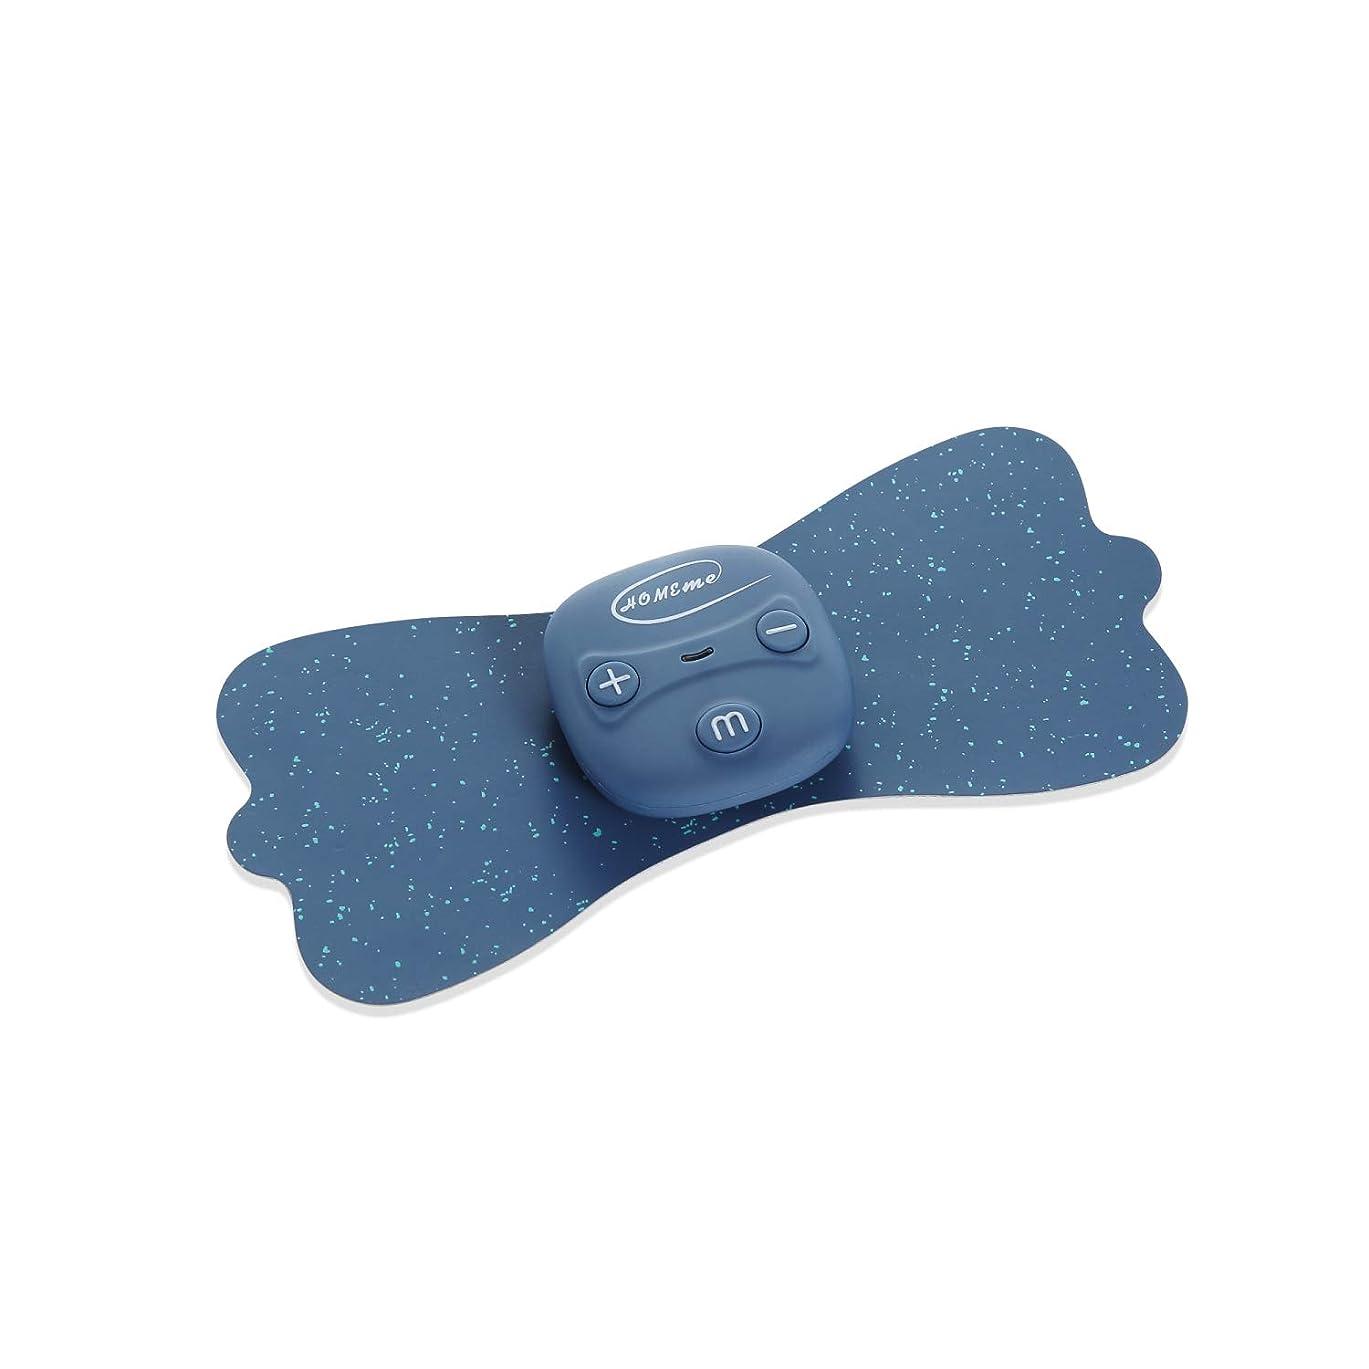 転送非アクティブぼかすHOMEME 低周波マッサージパッド 2枚 EMSパッド 15段階調節 6つモード 腰マッサージ usb充電式 筋疲労回復 一年保証 首/肩/腰/背中/手/足向け